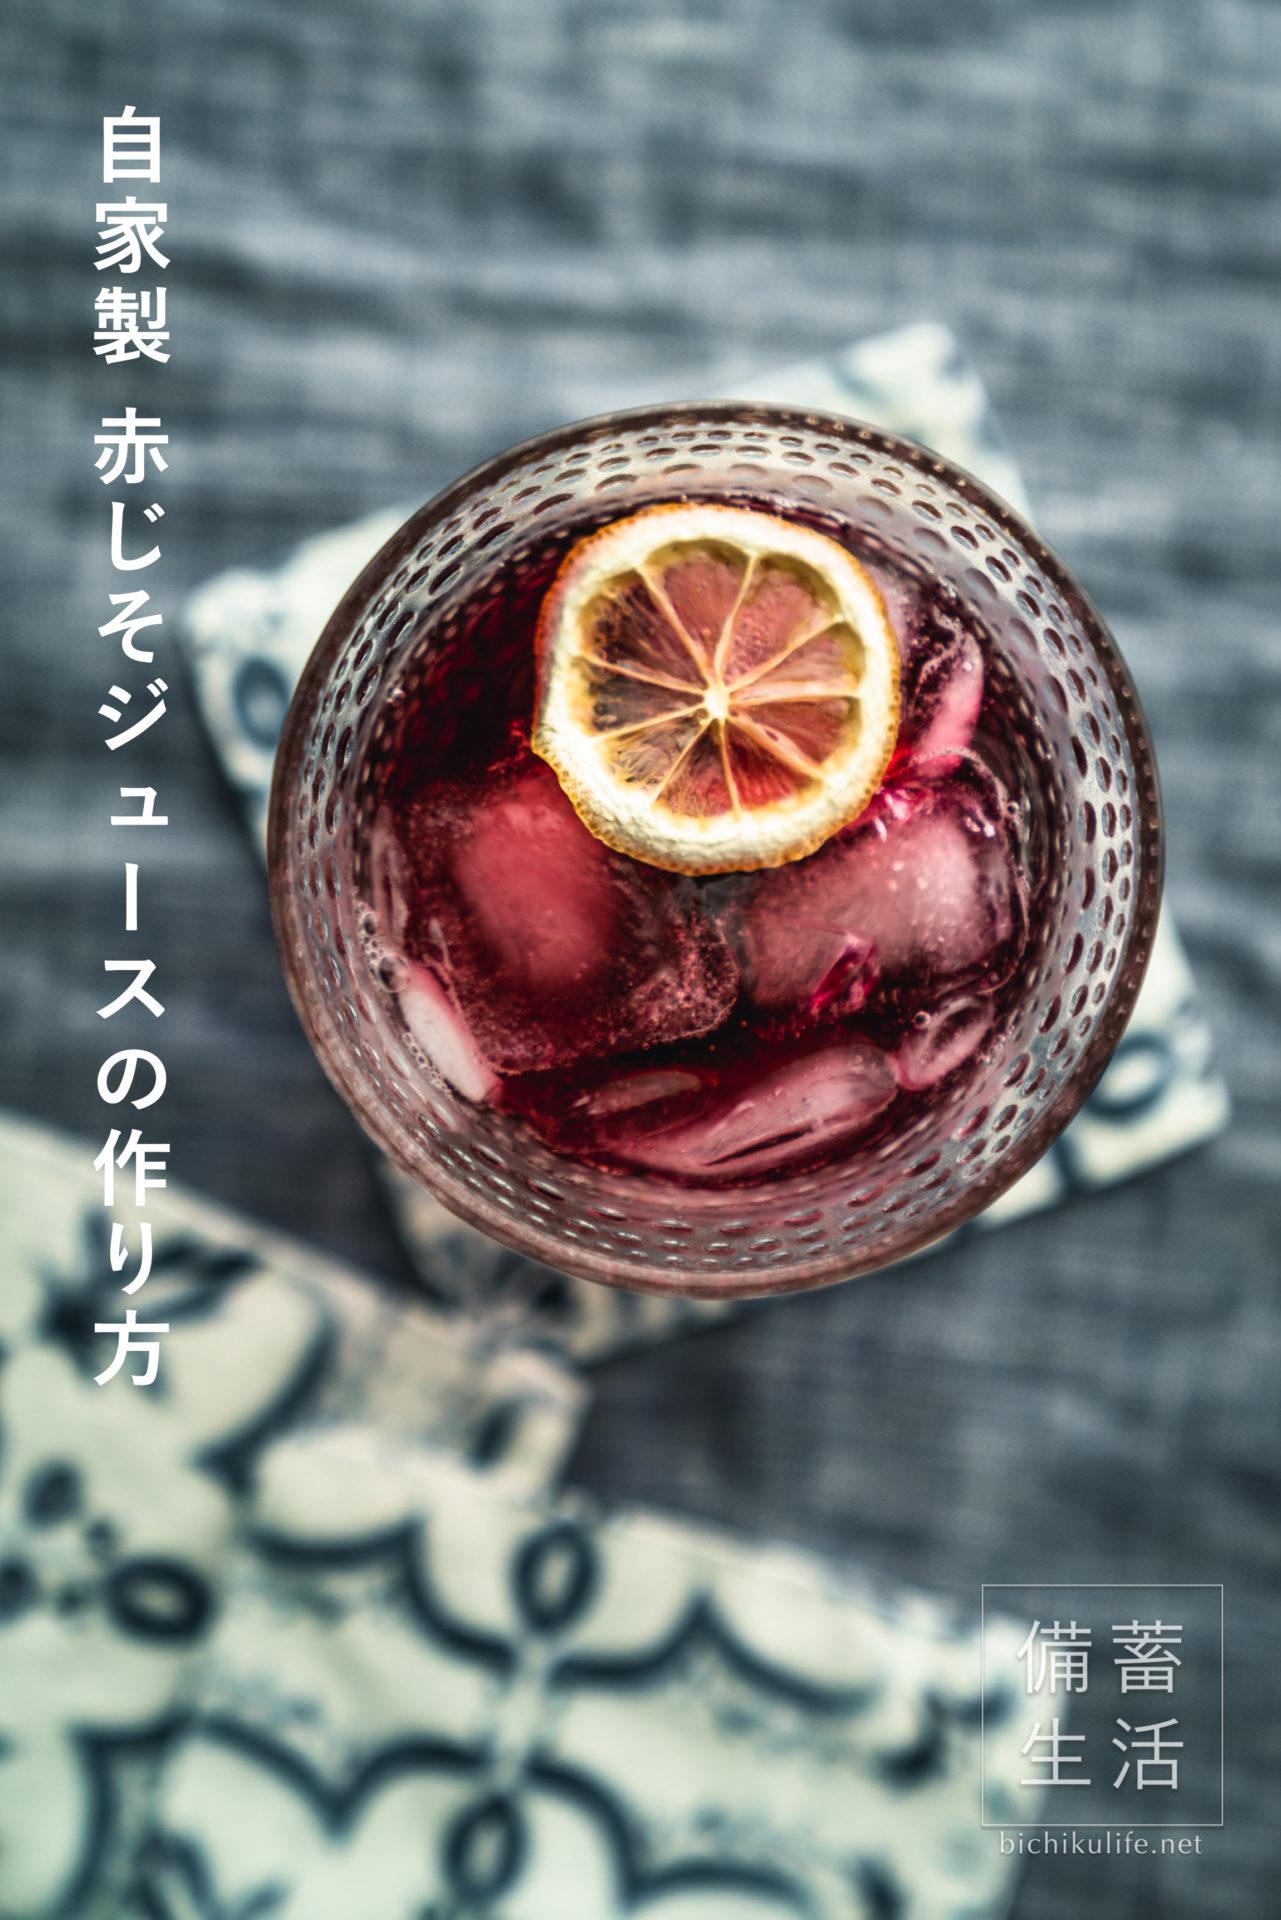 赤じそジュースづくり 自家製あかじそジュースのレシピ